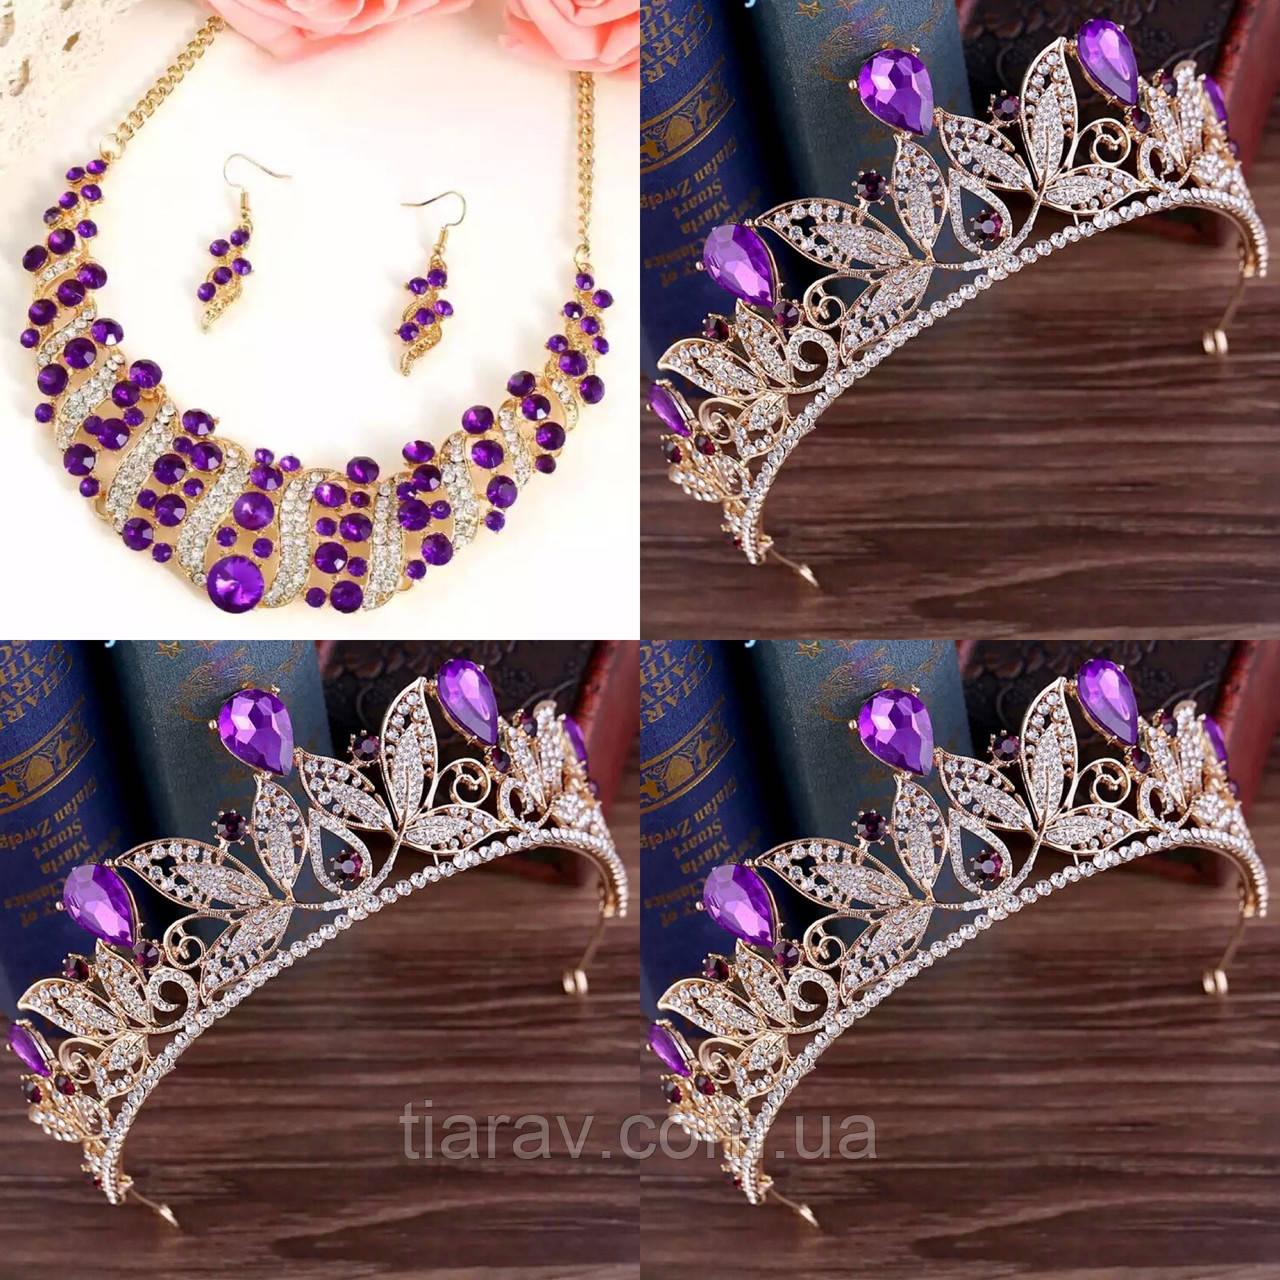 Диадема колье и серьги, набор украшений, свадебная бижутерия, корона